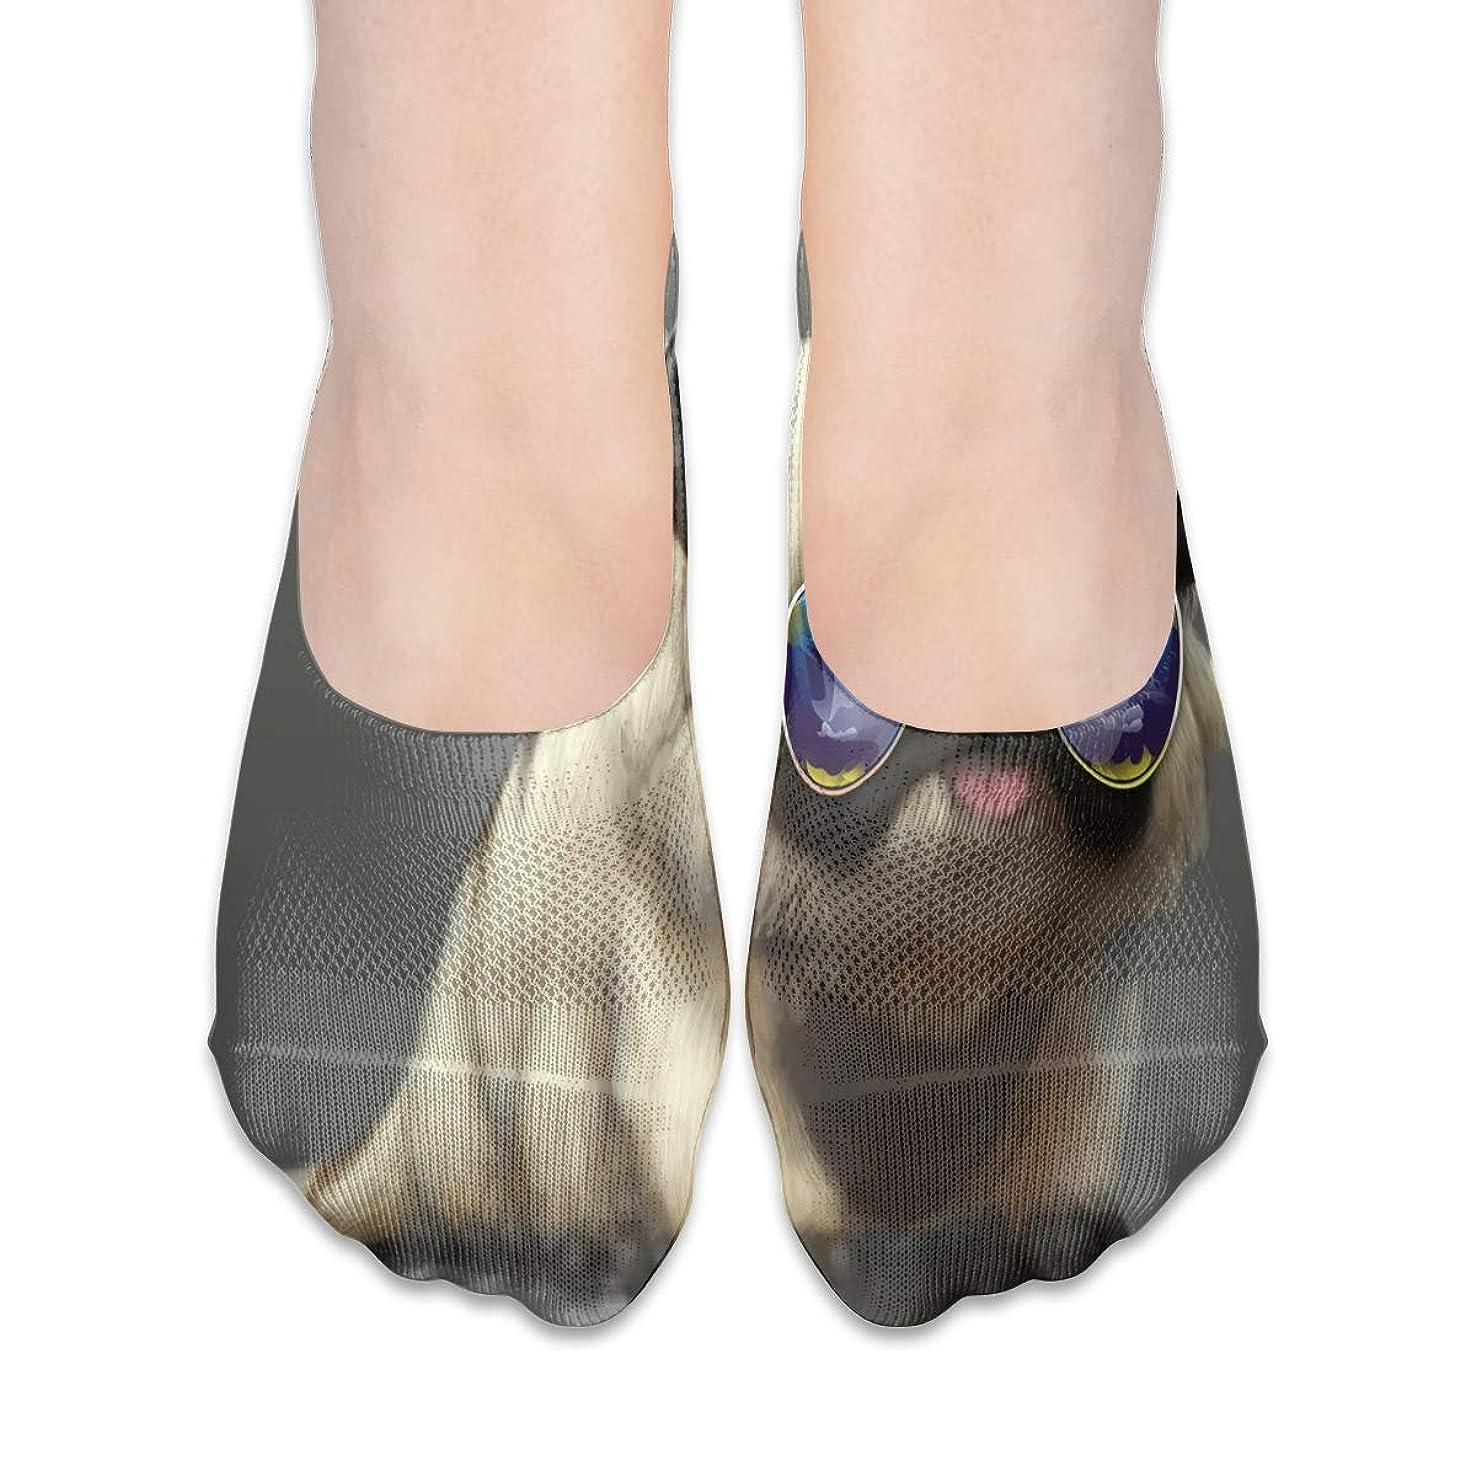 最少穴ユダヤ人サングラスローカットコットンボート隠し目に見えない靴下と女性のパグ犬